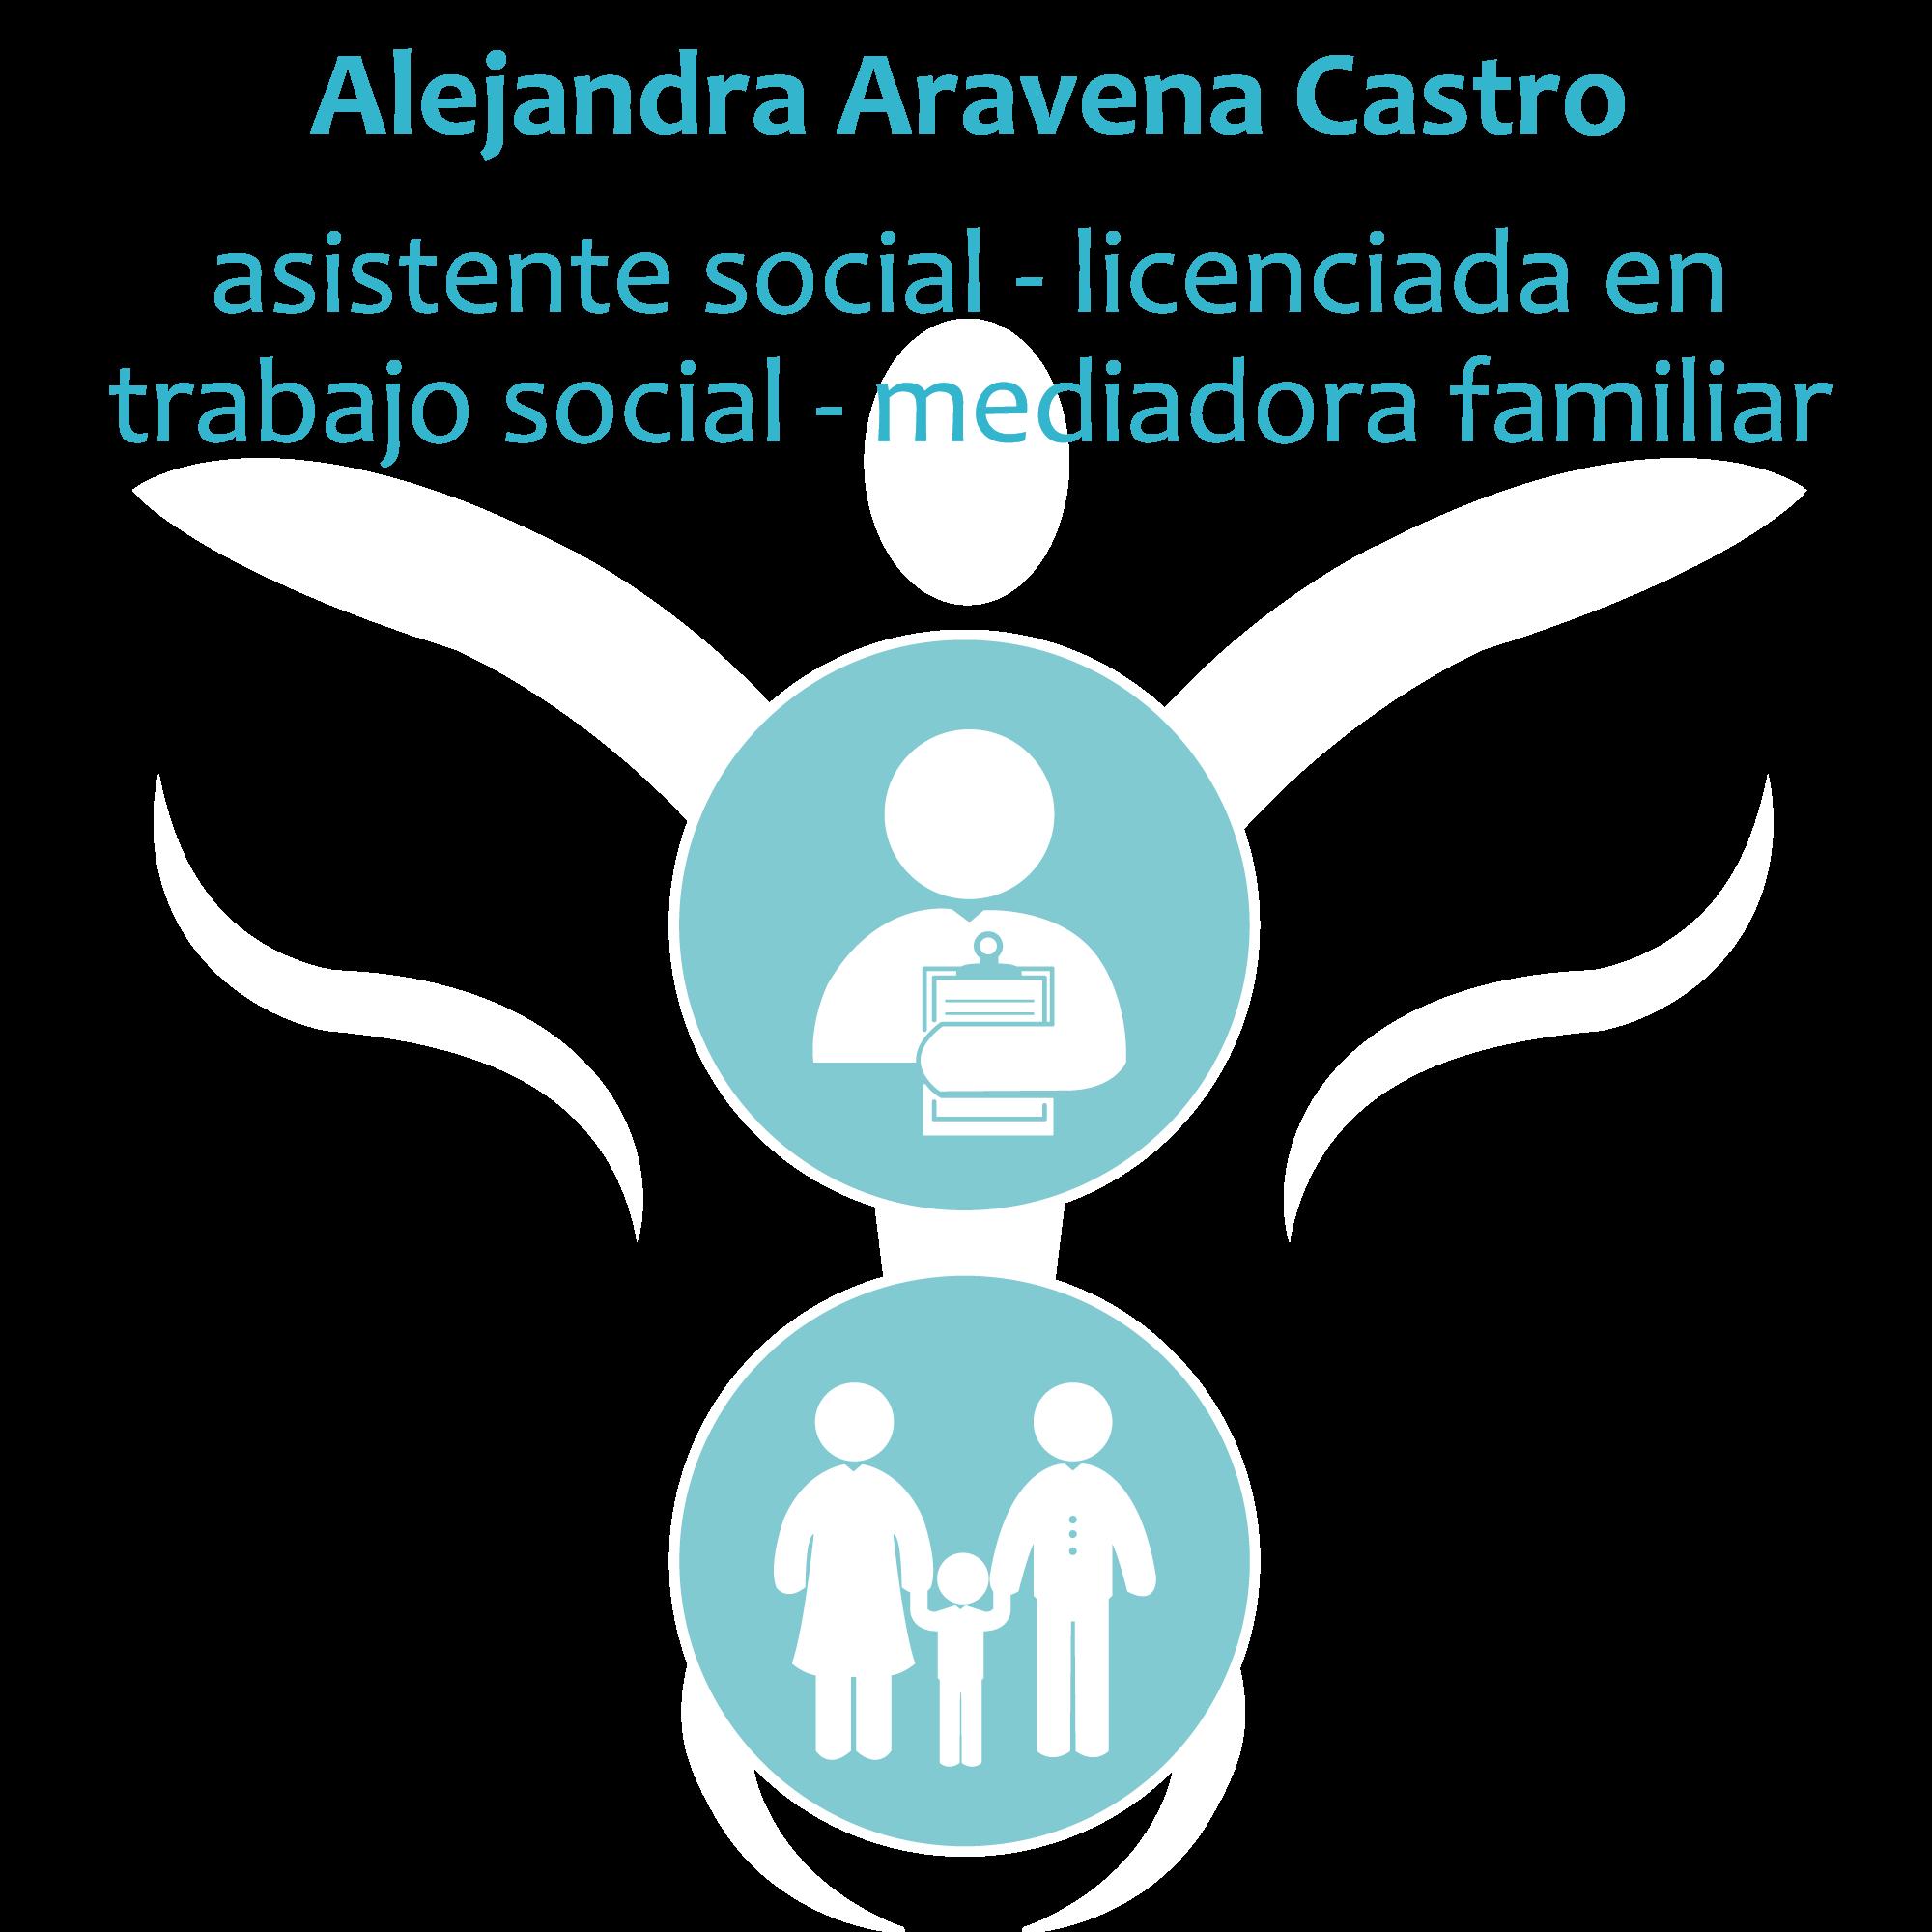 Md. Alejandra Aravena Castro